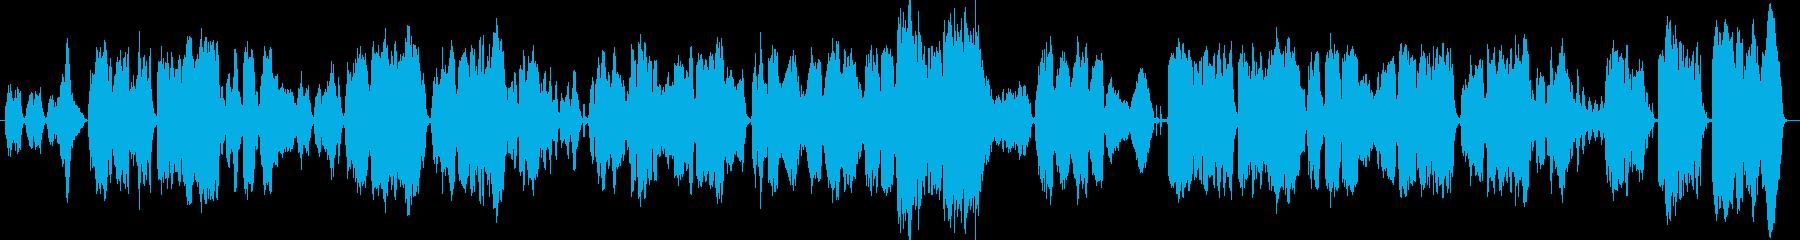 ゆったりとしたオーケストラな歌曲ですの再生済みの波形